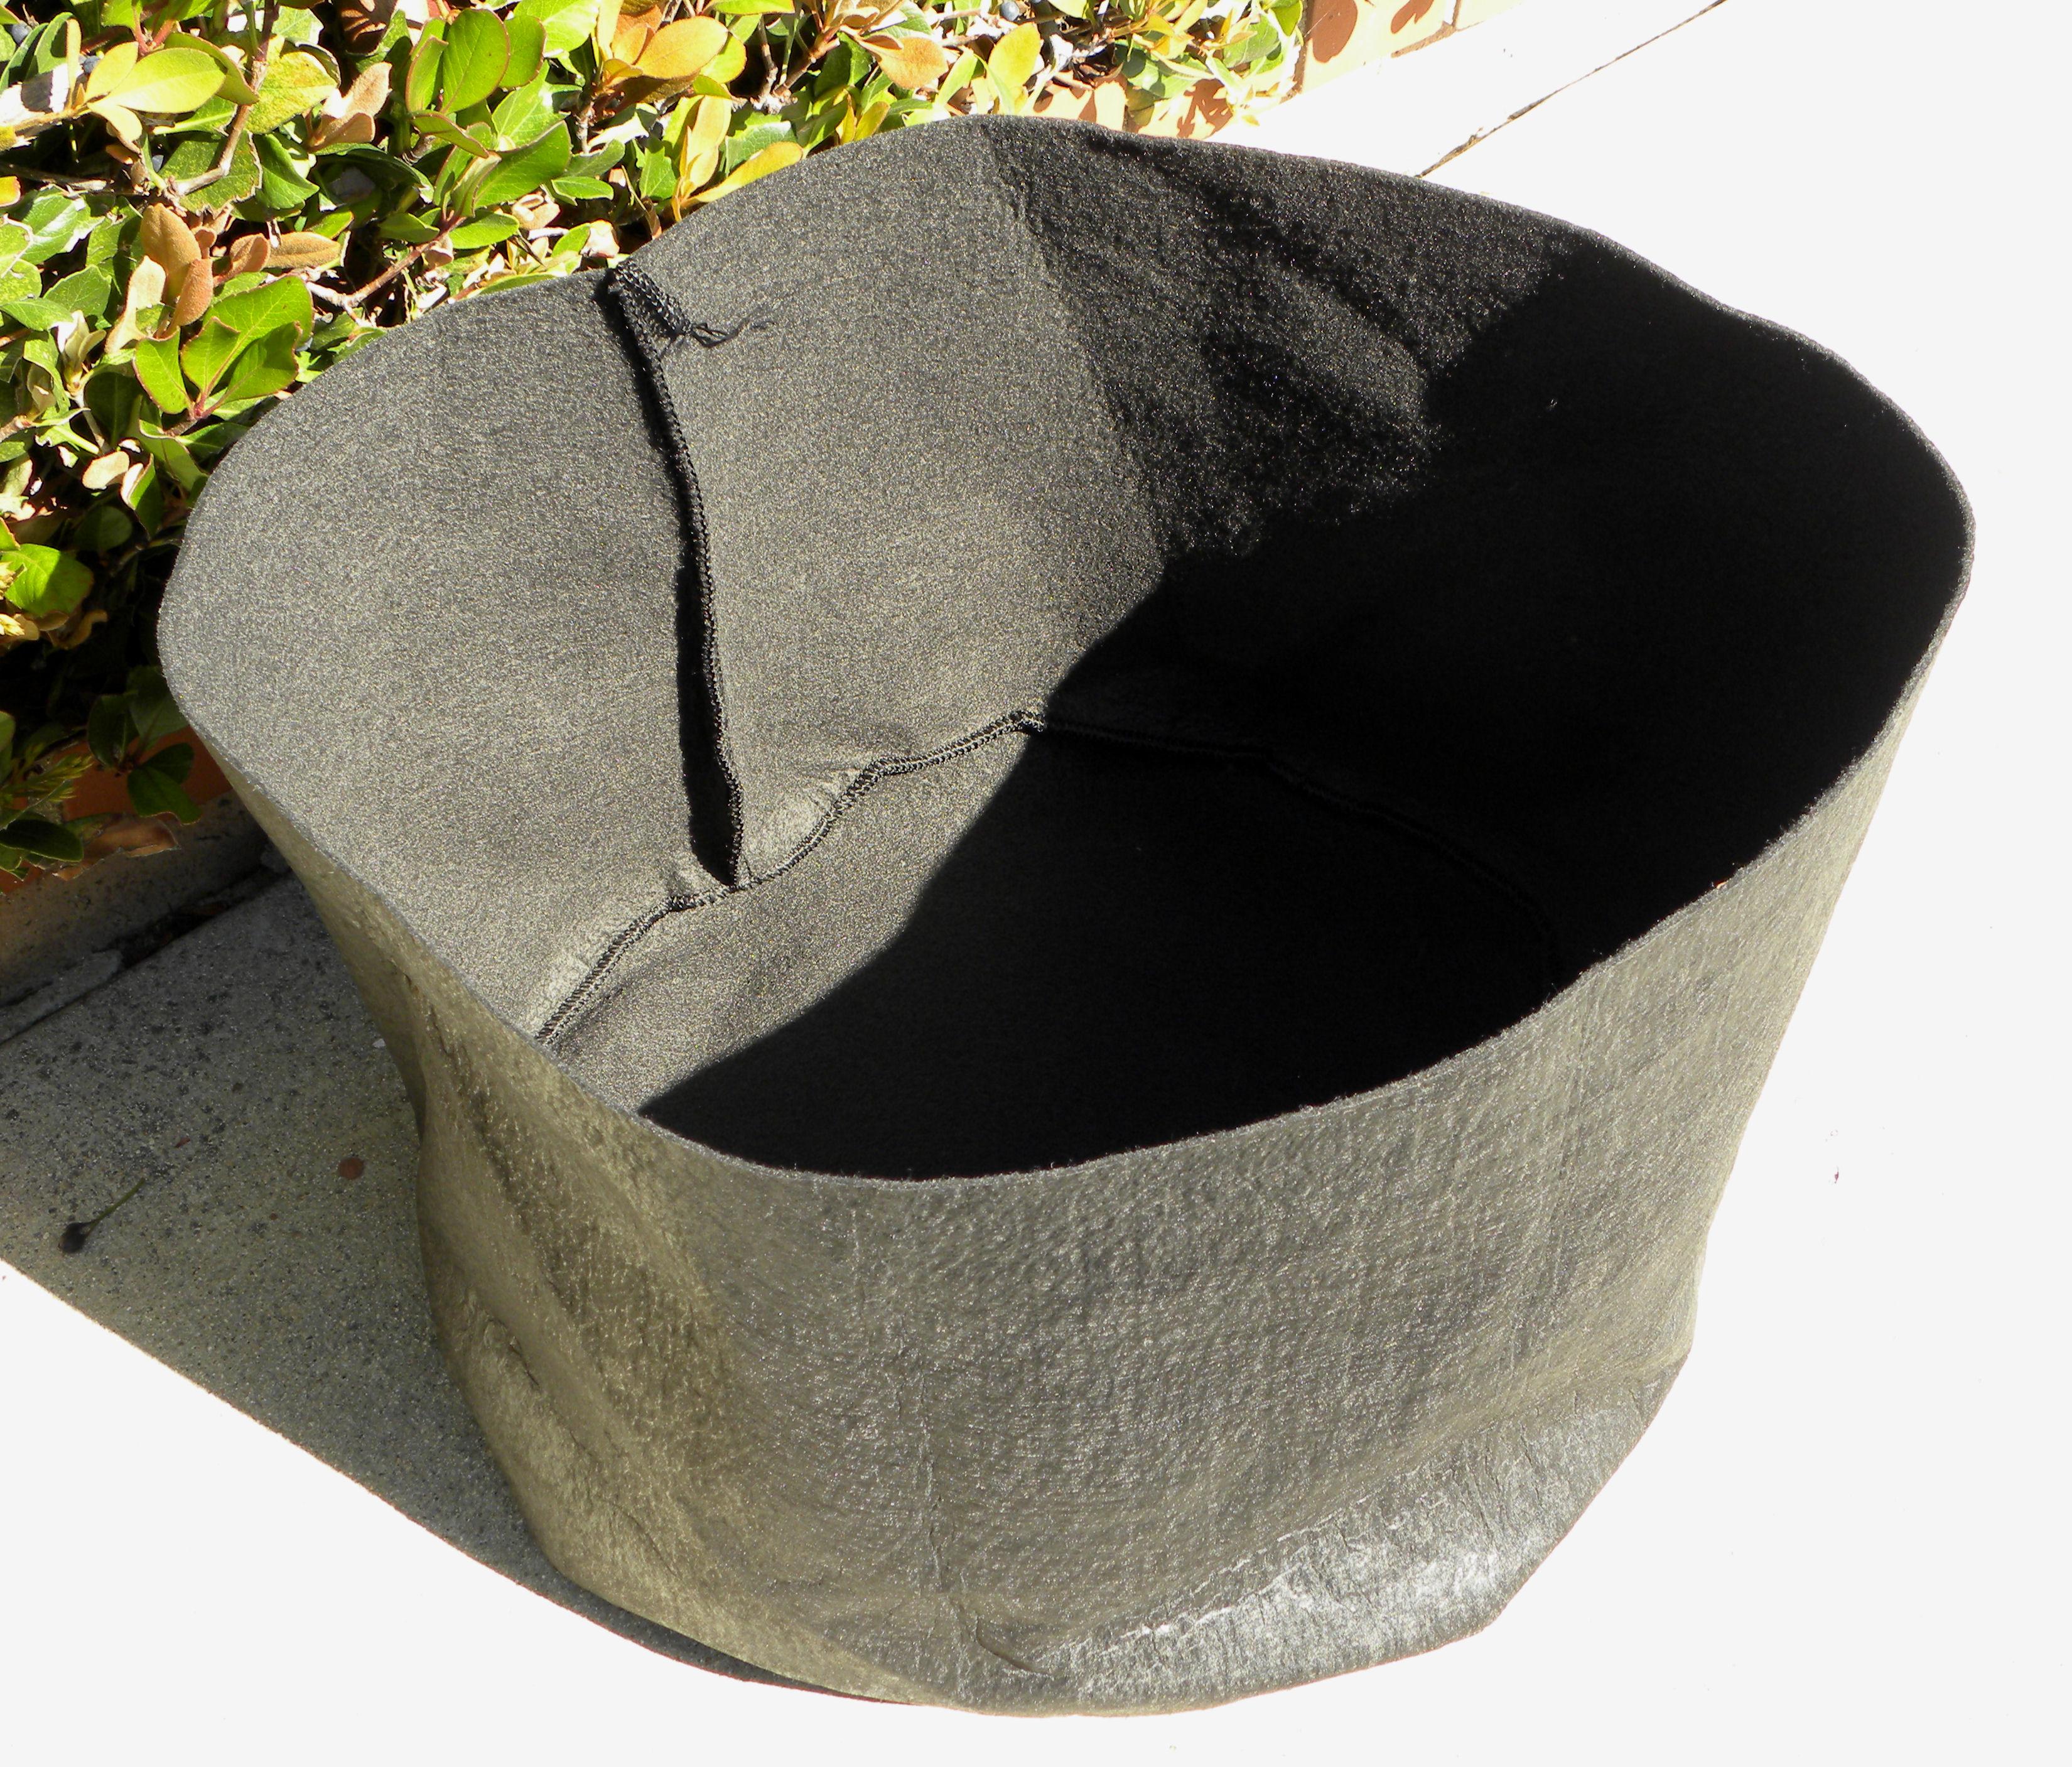 Green Smart Pots This 15-gallon Smart Pot